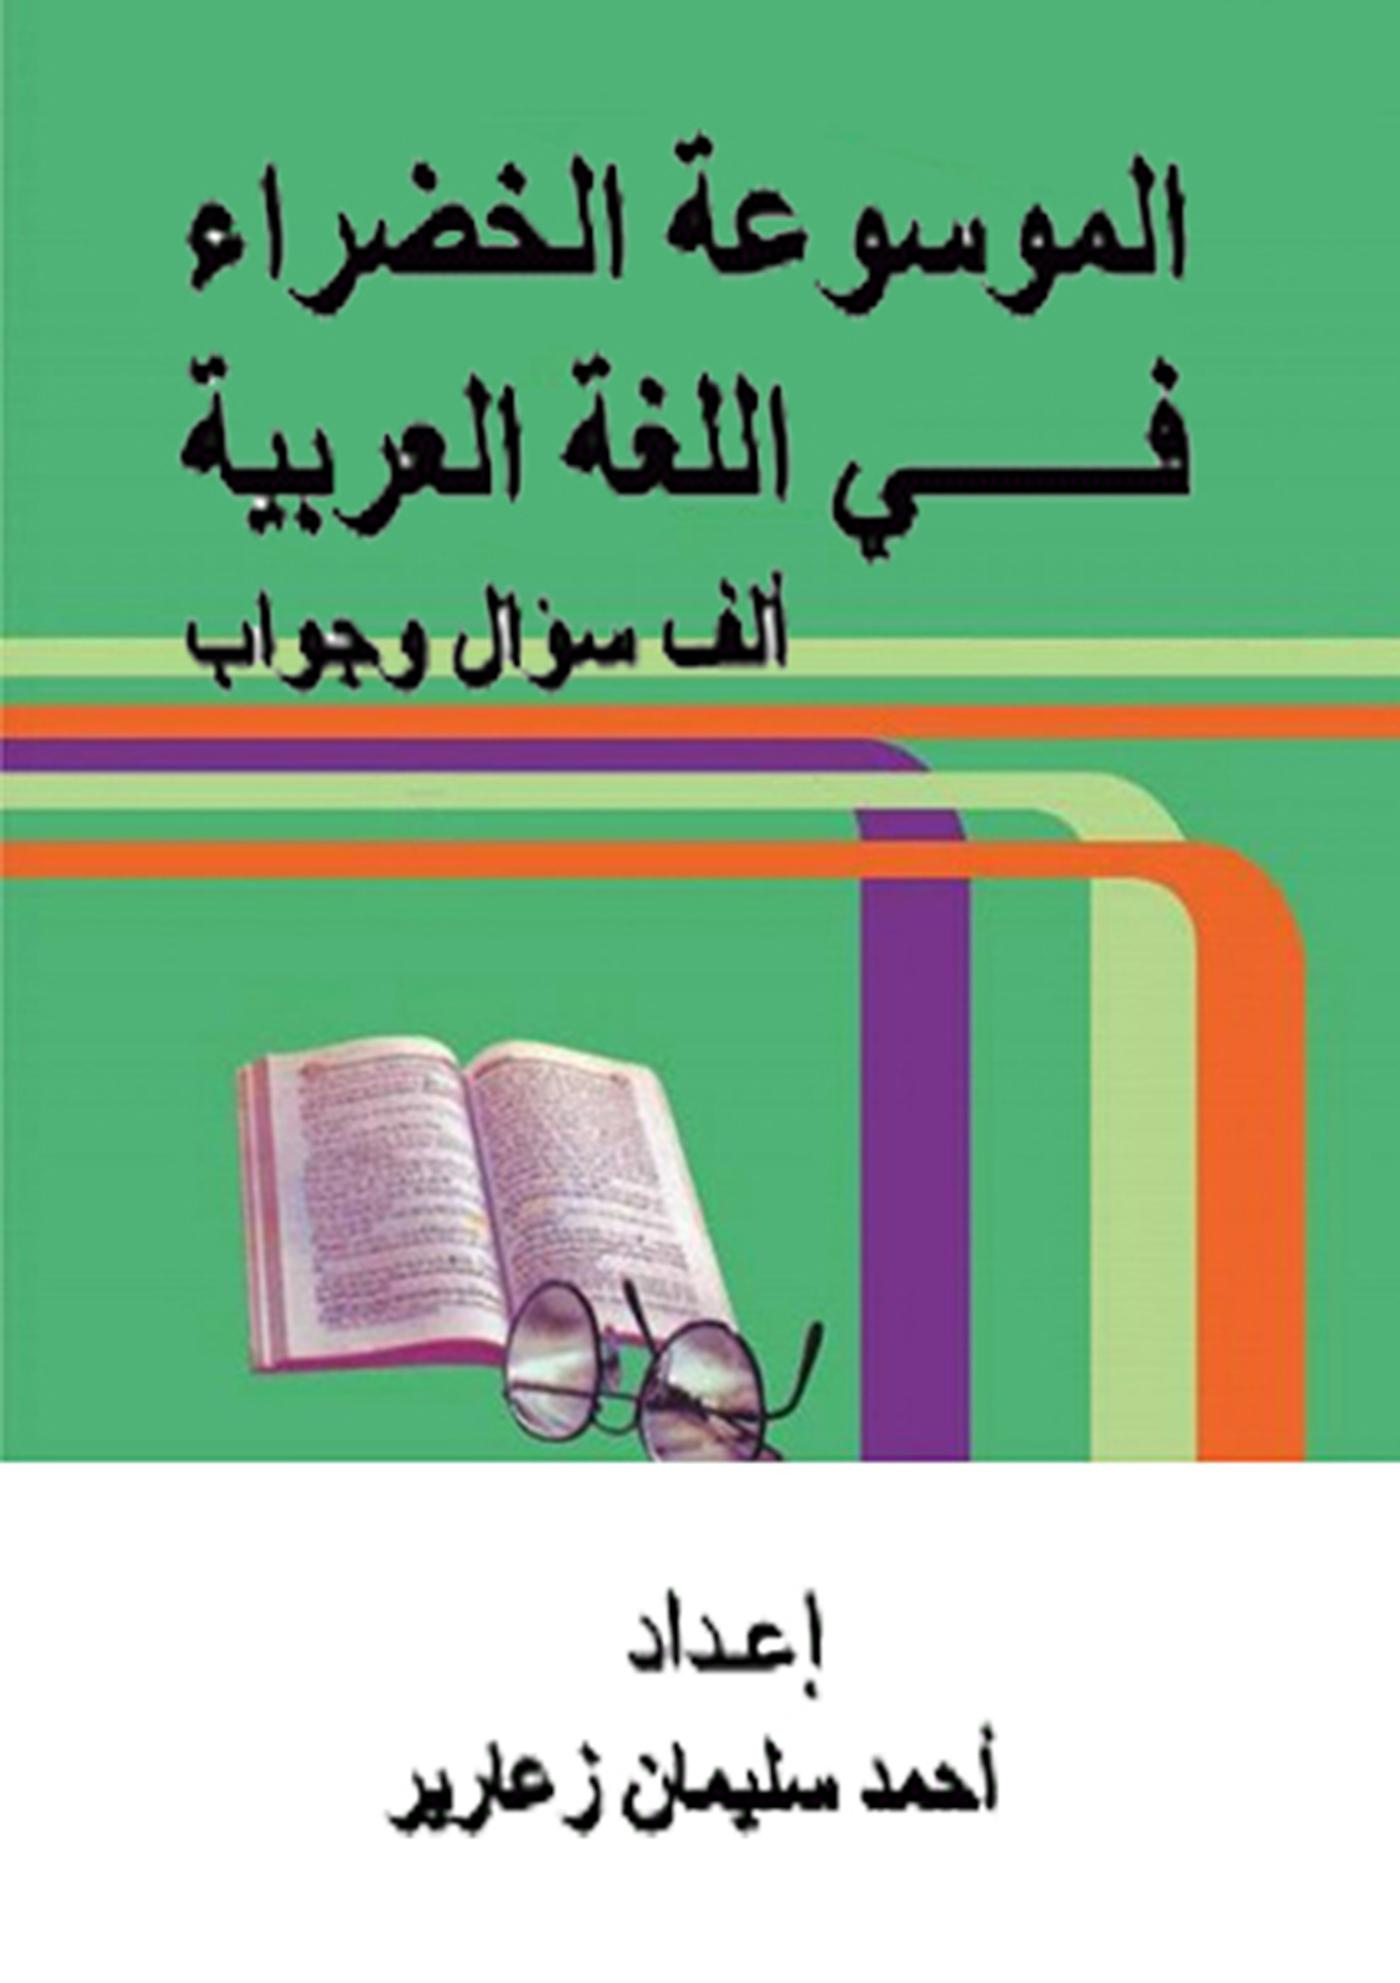 الموسوعة الخضراء في اللغة العربية